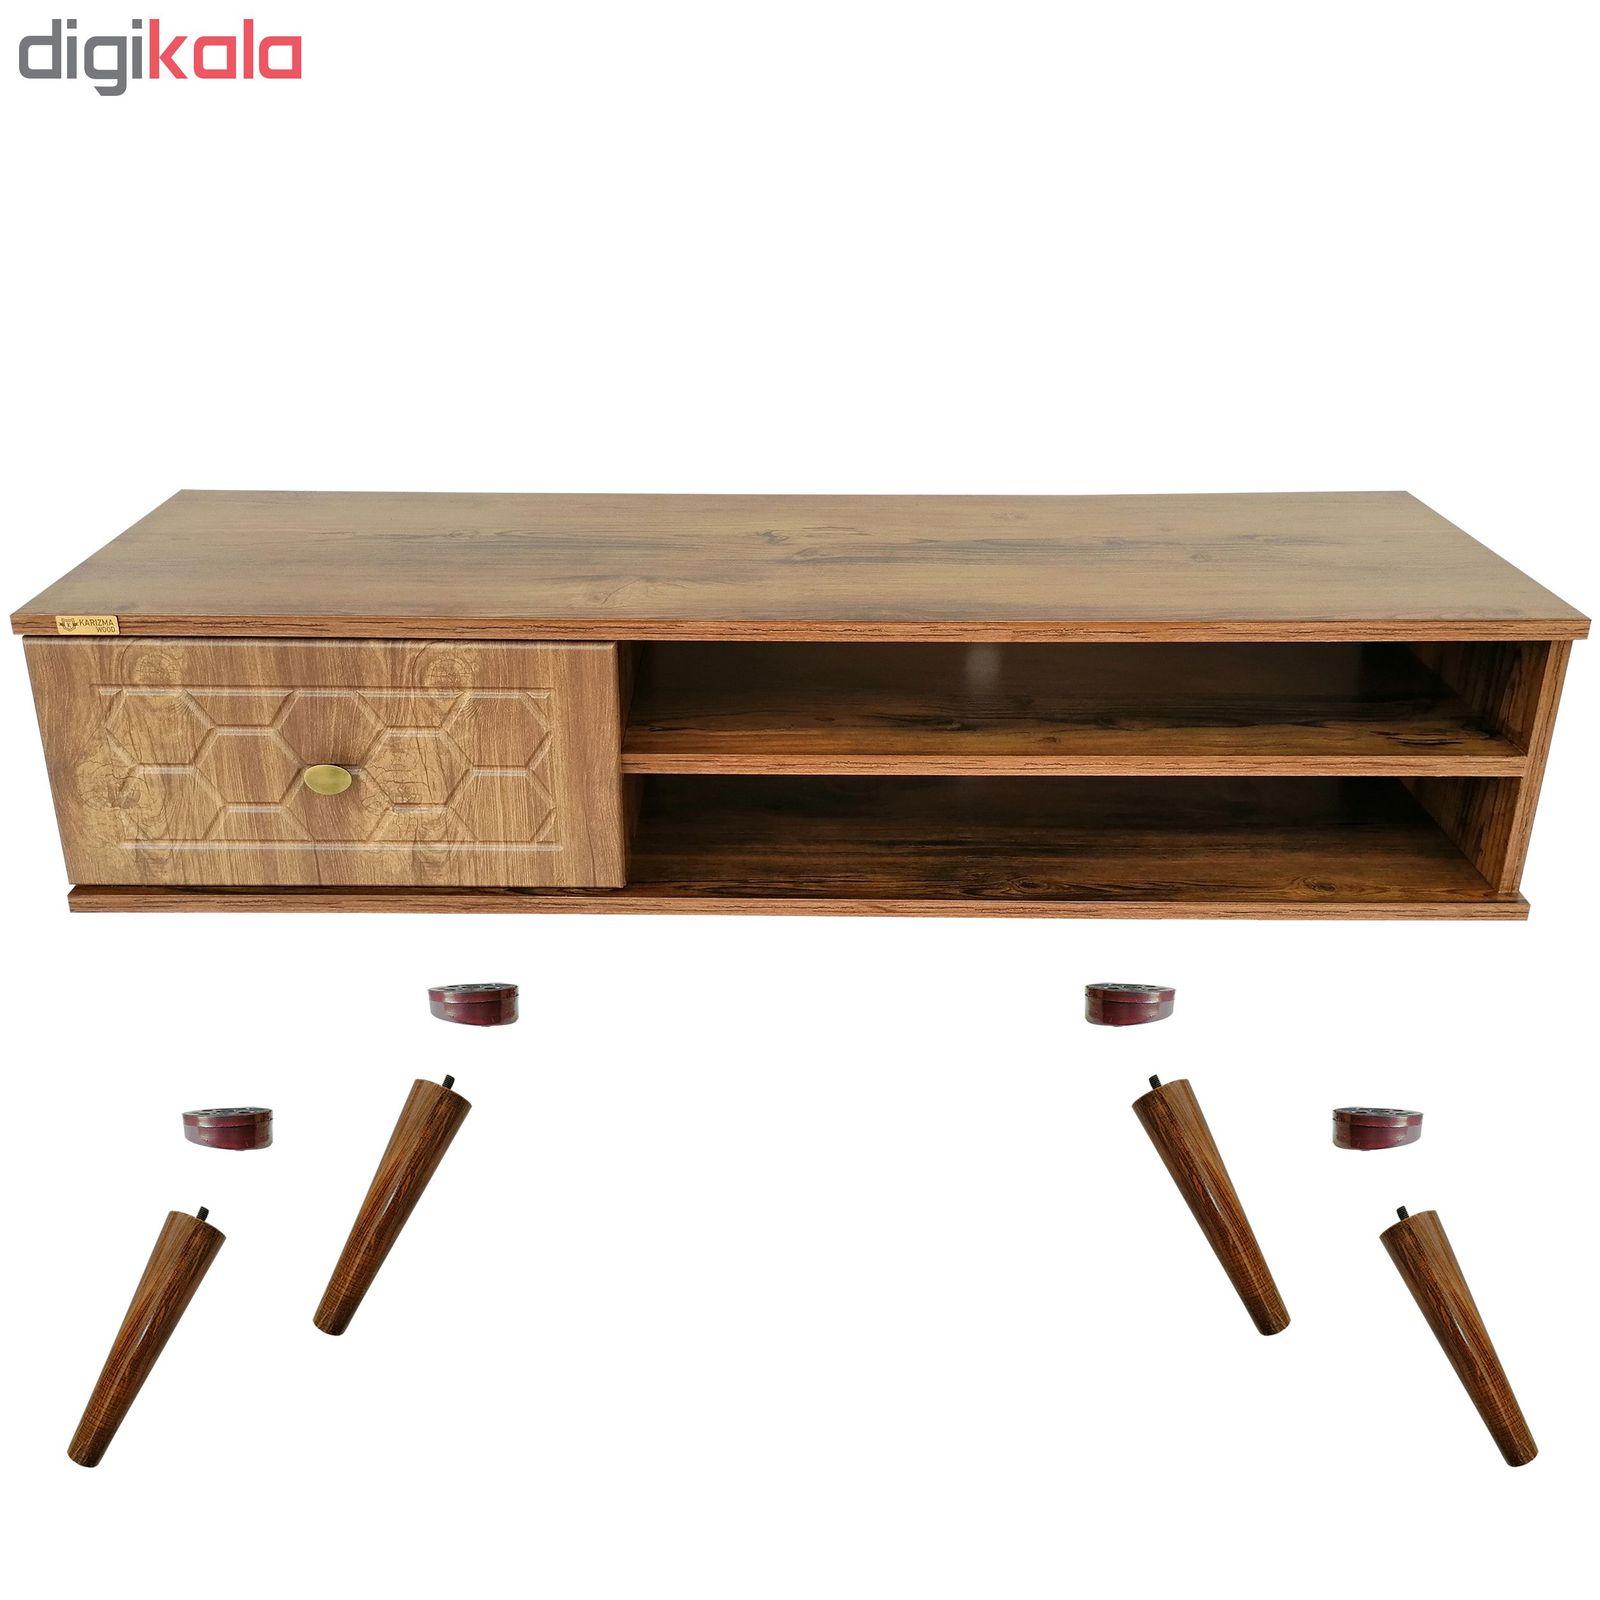 میز تلویزیون کاریزما وود مدل A205 main 1 5